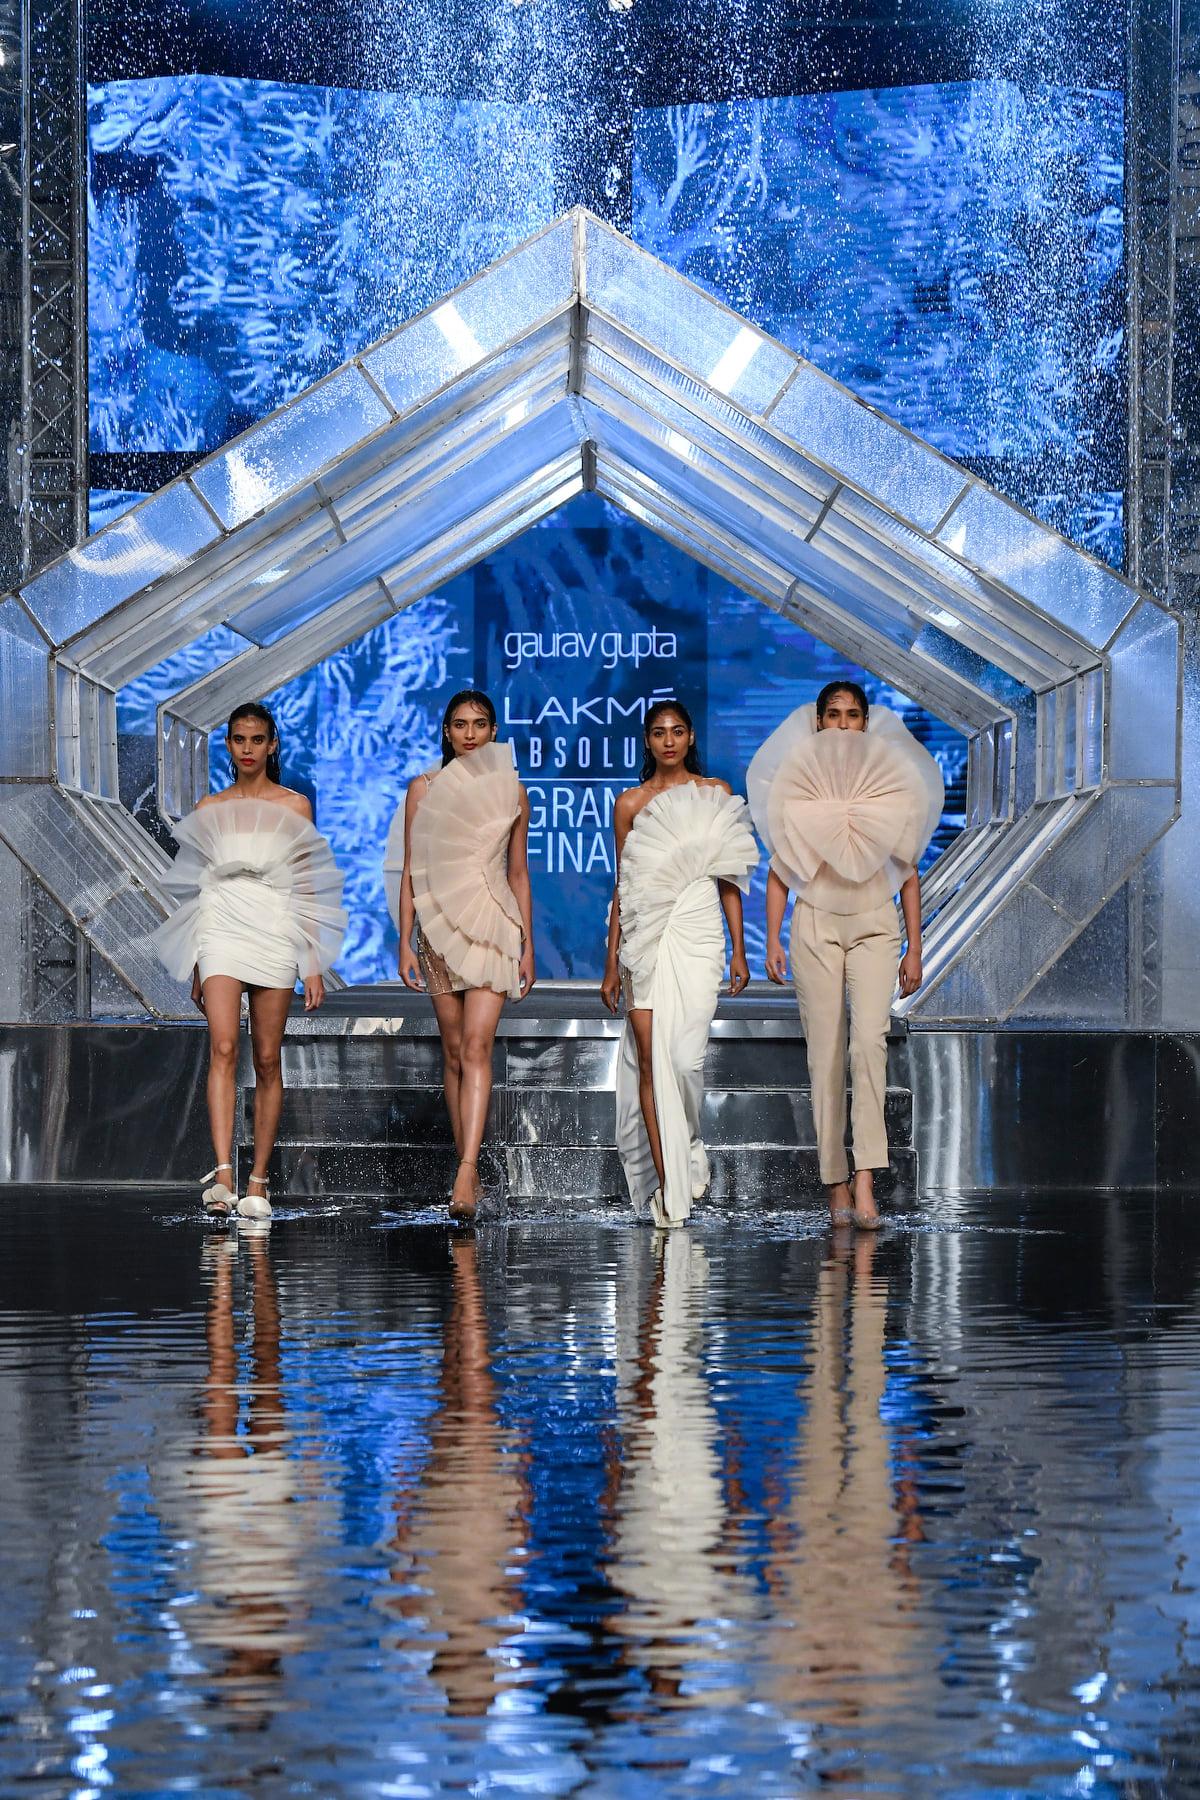 गौरव गुप्ता ने ब्यूटी थीम 'Define to Redefine' को प्रेजेंट किया, जिसका मकसद ससटेनेबल फैशन को बढ़ावा देना था।